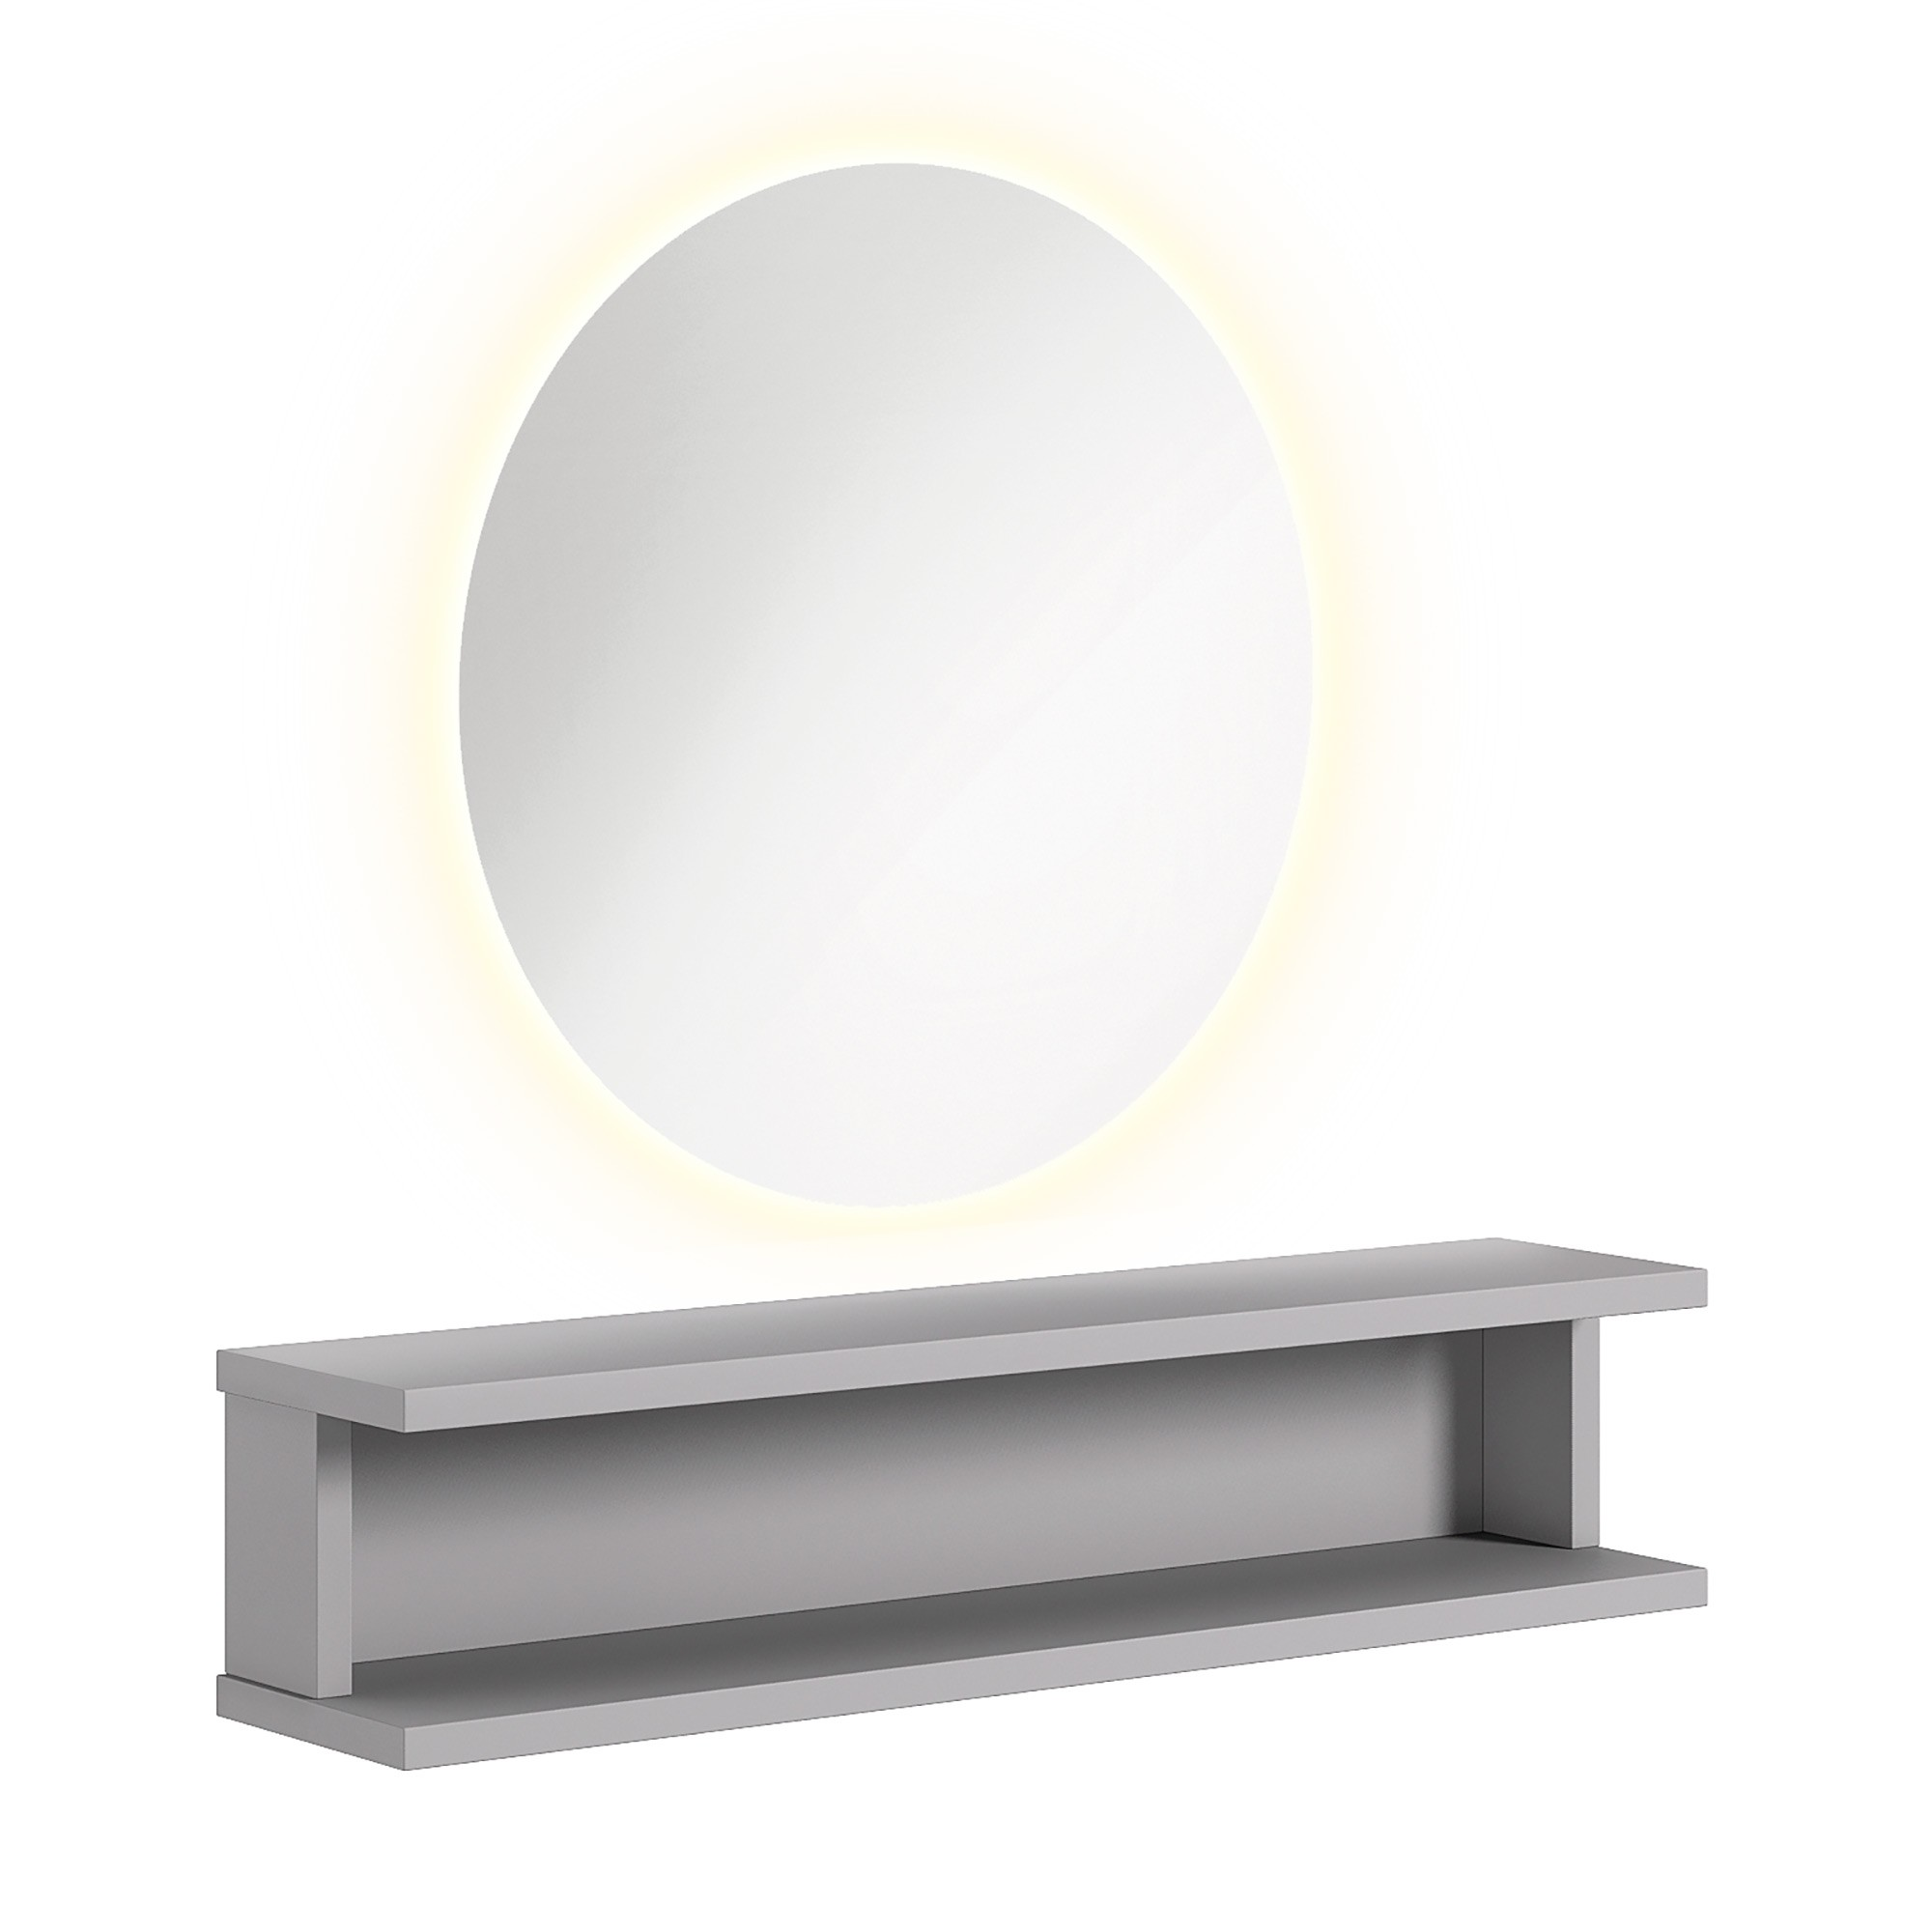 ELOR-LED_0011581_01